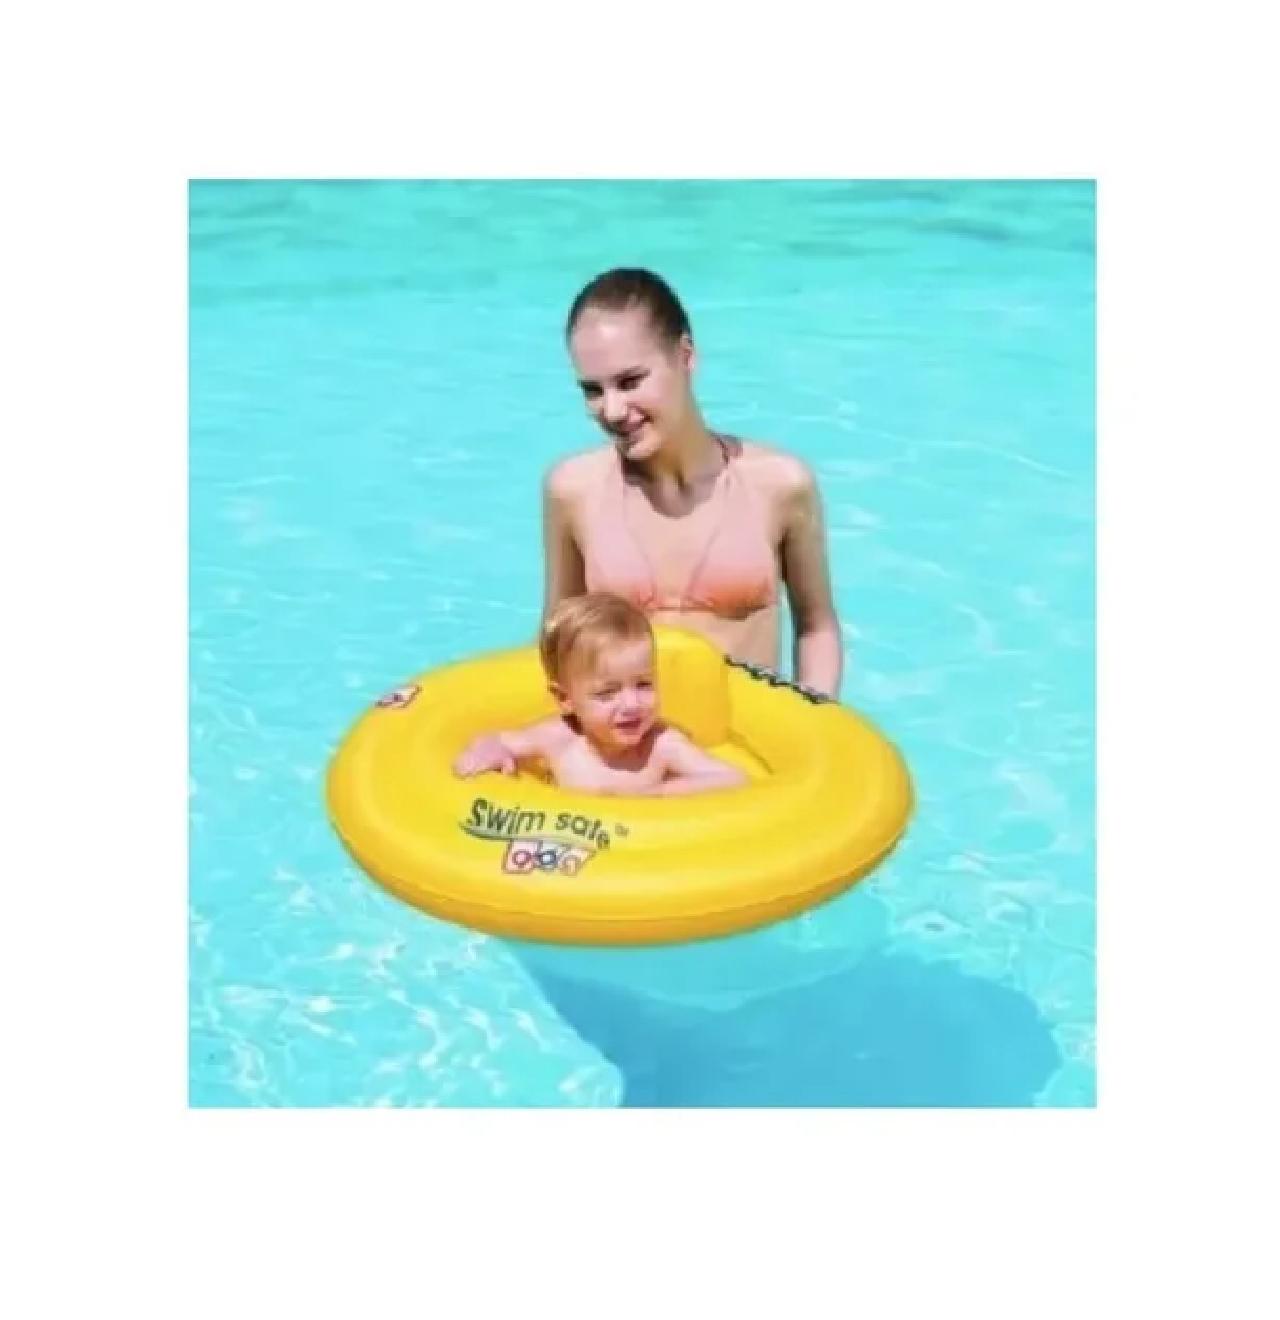 Boia Inflável Infantil C/ Fraldinha Bebê Criança Piscina Mor